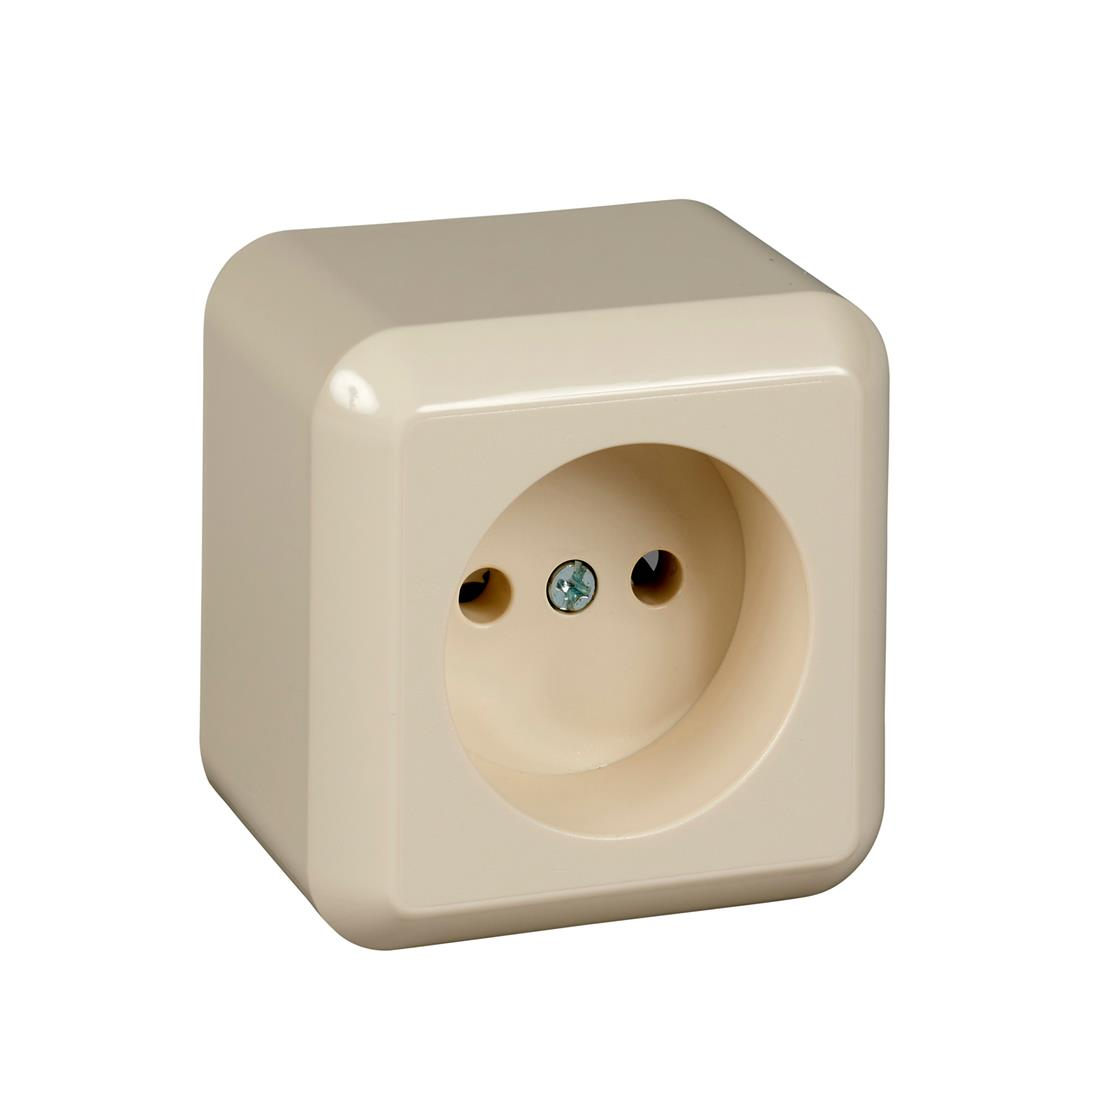 Schneider Electric Contura opbouw enkelvoudige wandcontactdoos zonder randaarde 16A 250V - crème wit (ELG395800)